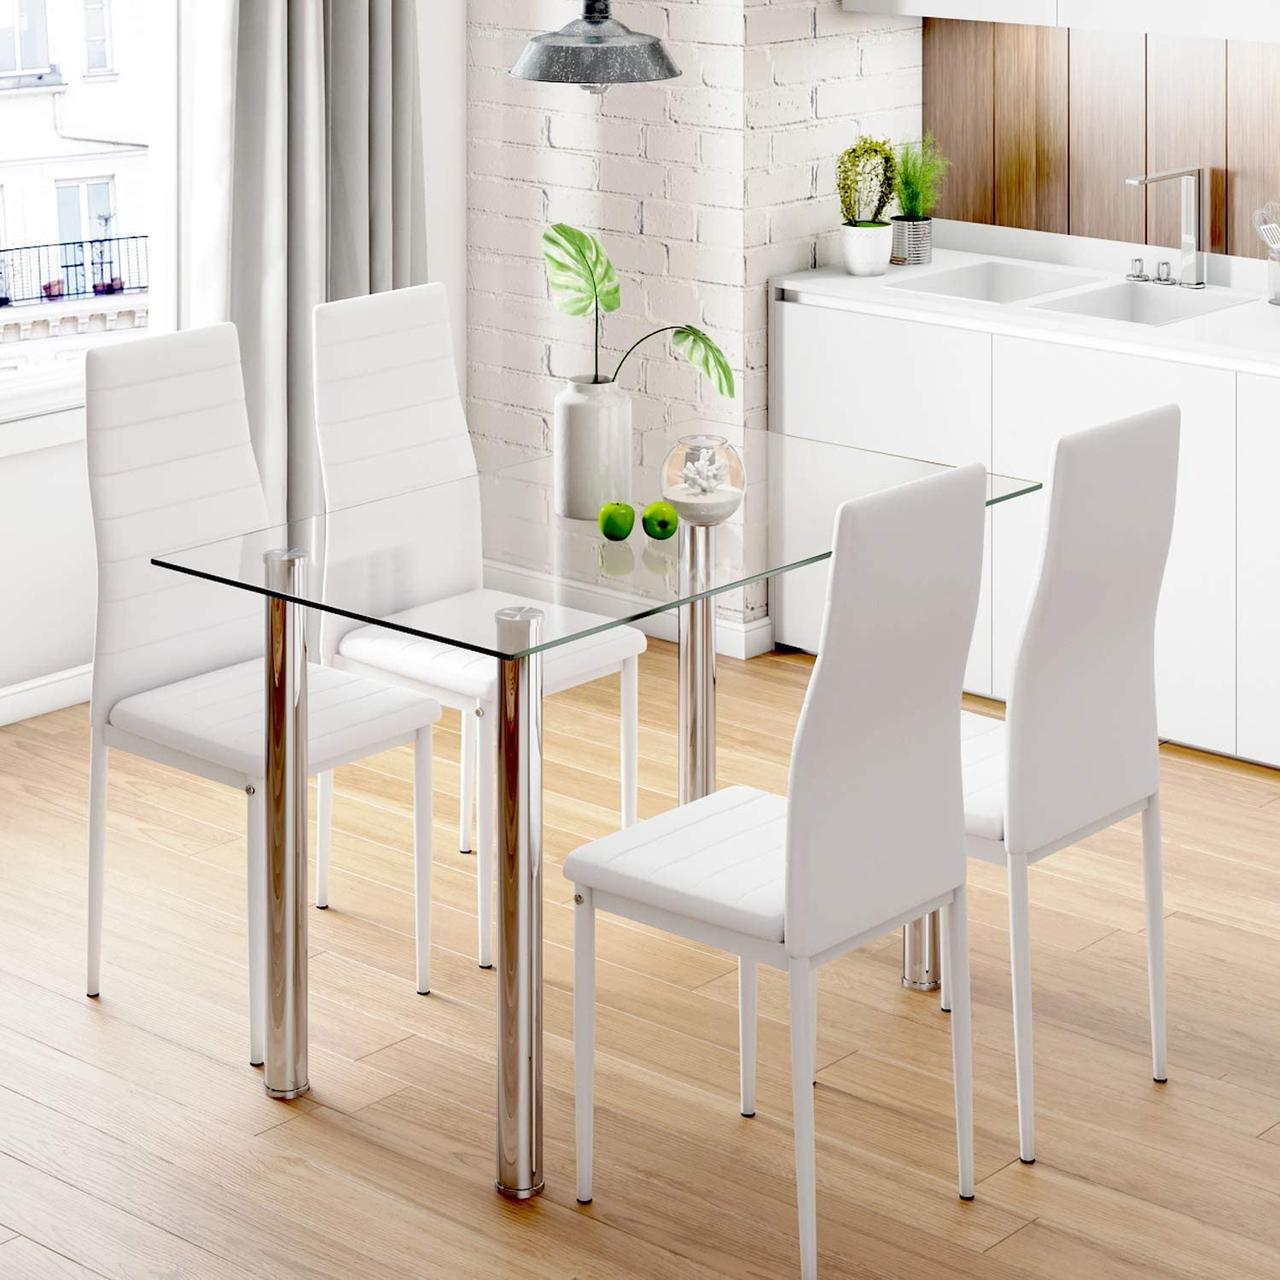 Комплект кухонной мебели: Стеклянный стол и 4 кресла  STELLA 22 БЕЛЫЙ